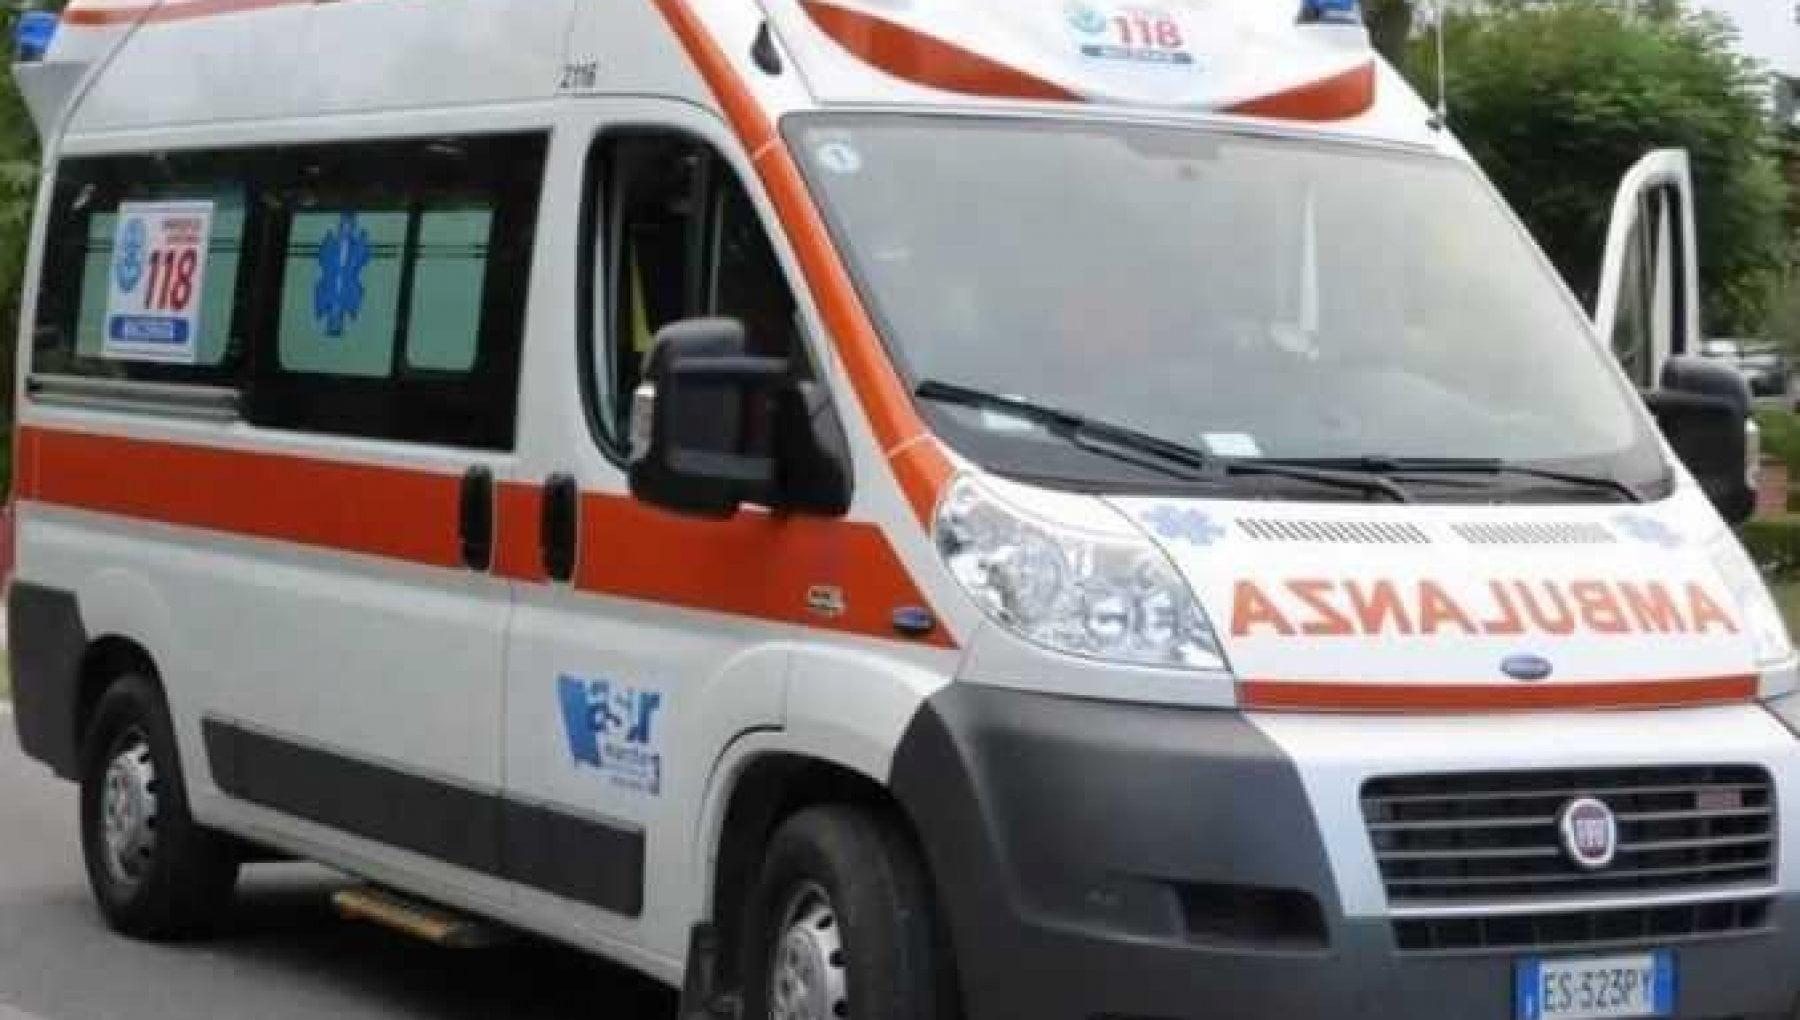 Ostuni, dimentica le chiavi di casa e sfonda la finestra con un pugno: 54enne muore dissanguato